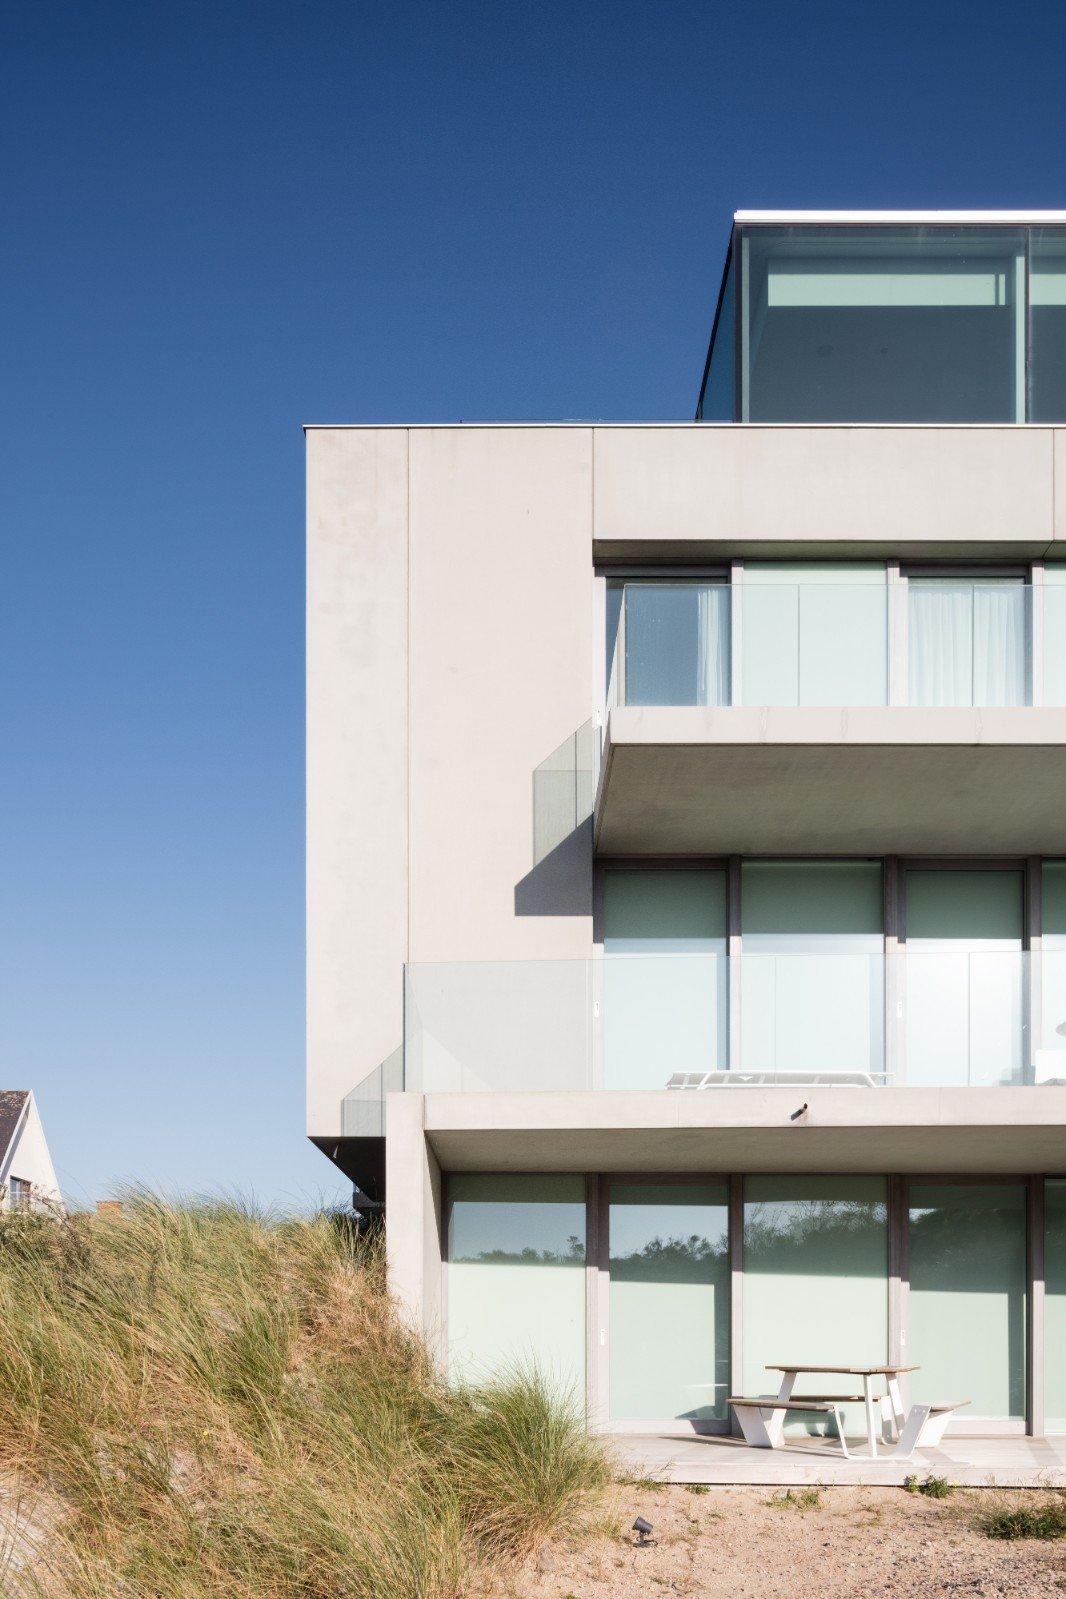 Rietveldprojects-saarinen-appartement-design-architectuur-kust-tvdv12